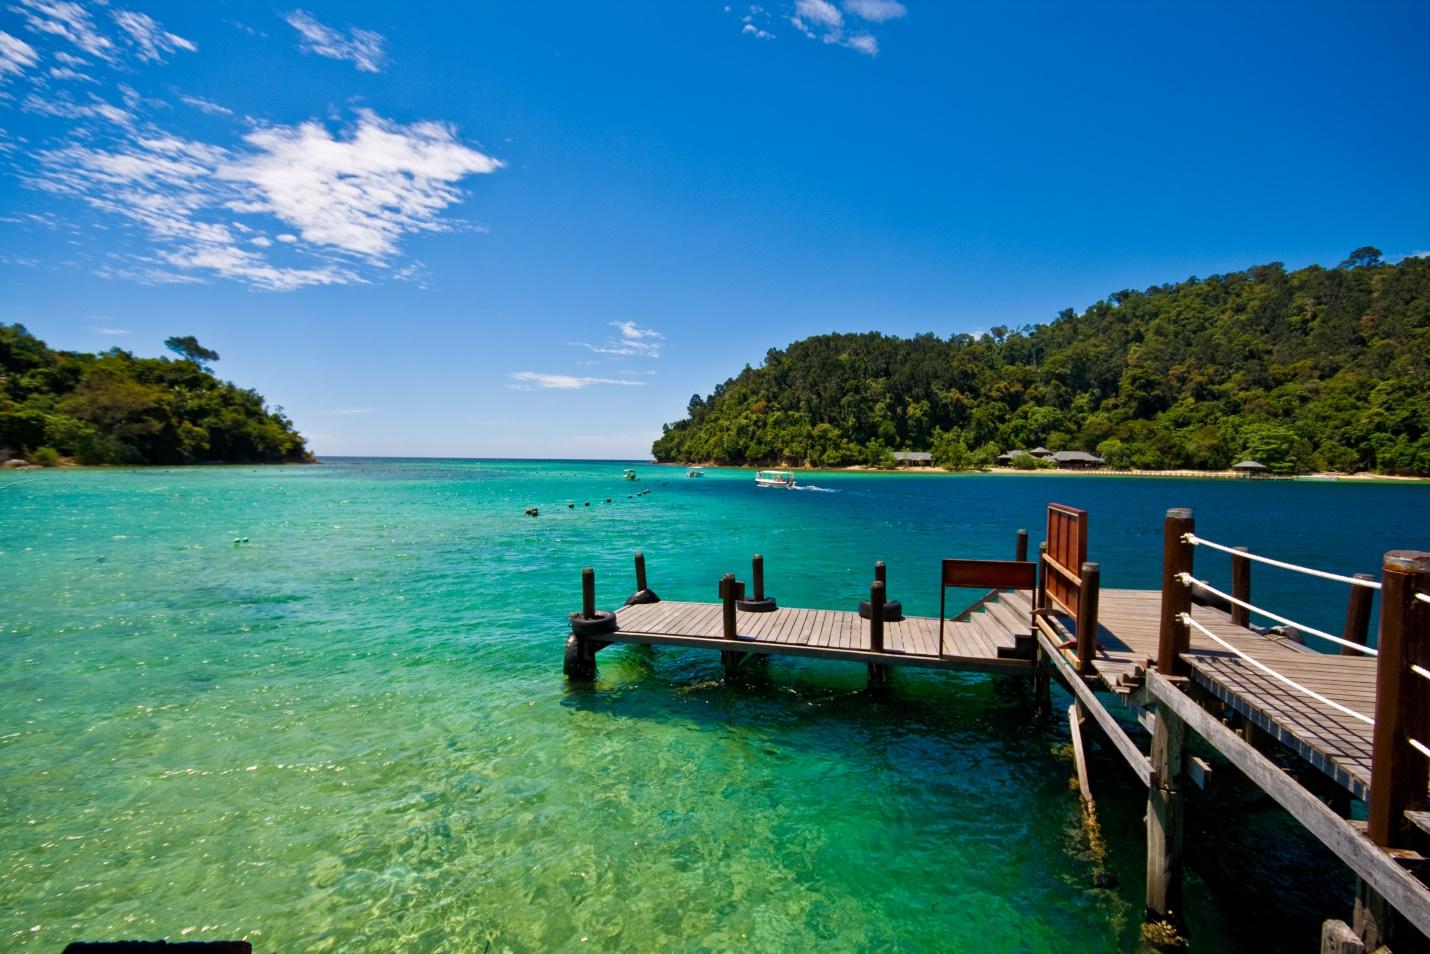 Xem chương trình du lịch tương tác trực tuyến của KingGo mới biết có một Malaysia đẹp hút hồn tới vậy! - Ảnh 10.